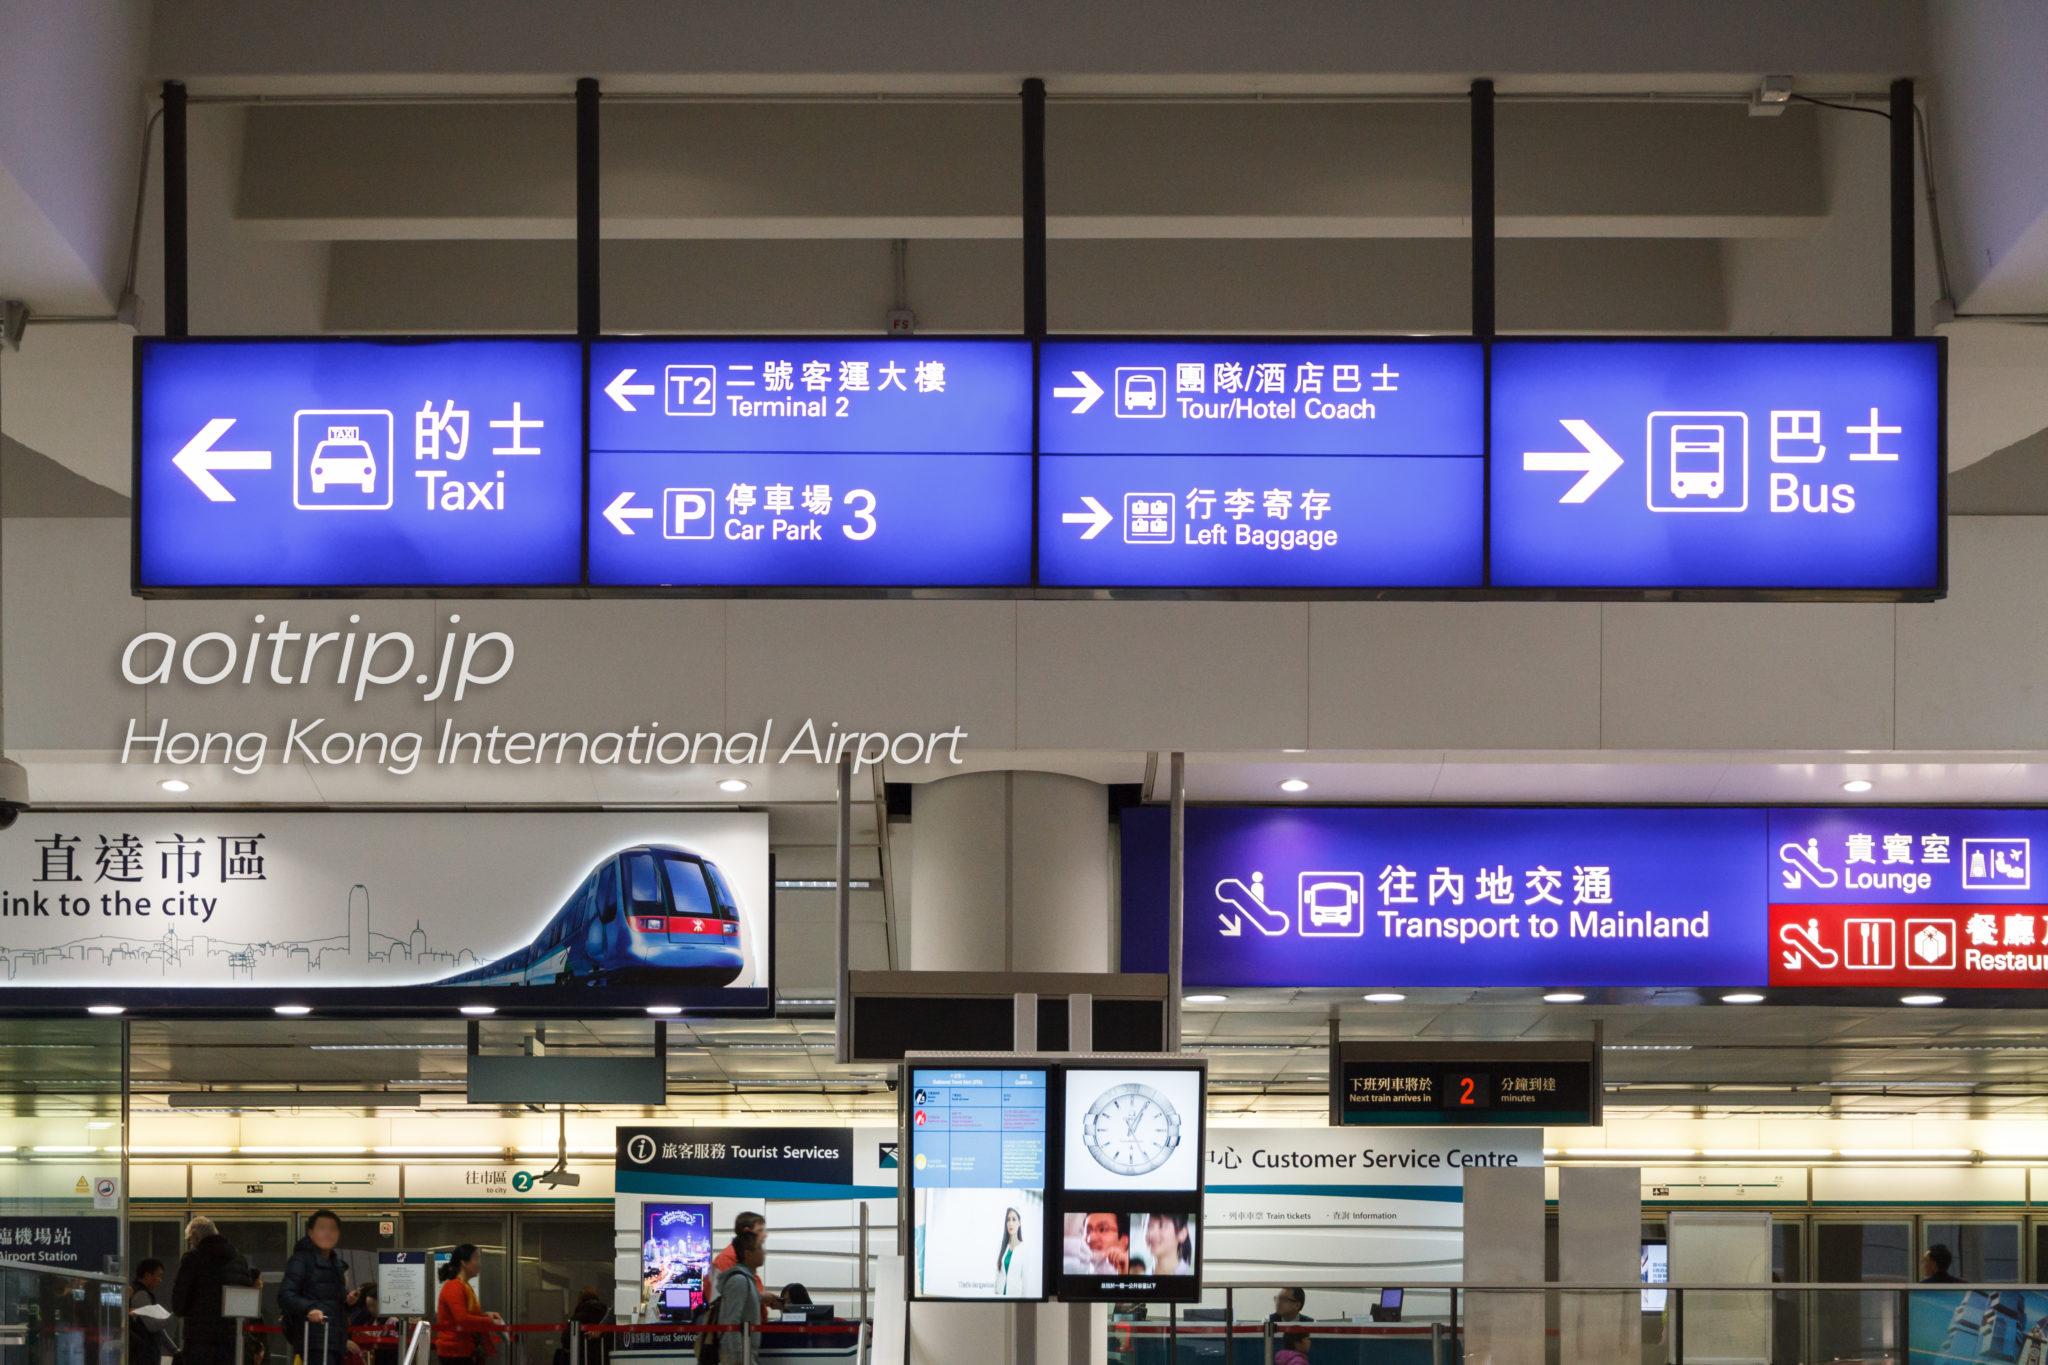 香港国際空港の送迎シャトルバス案内表示